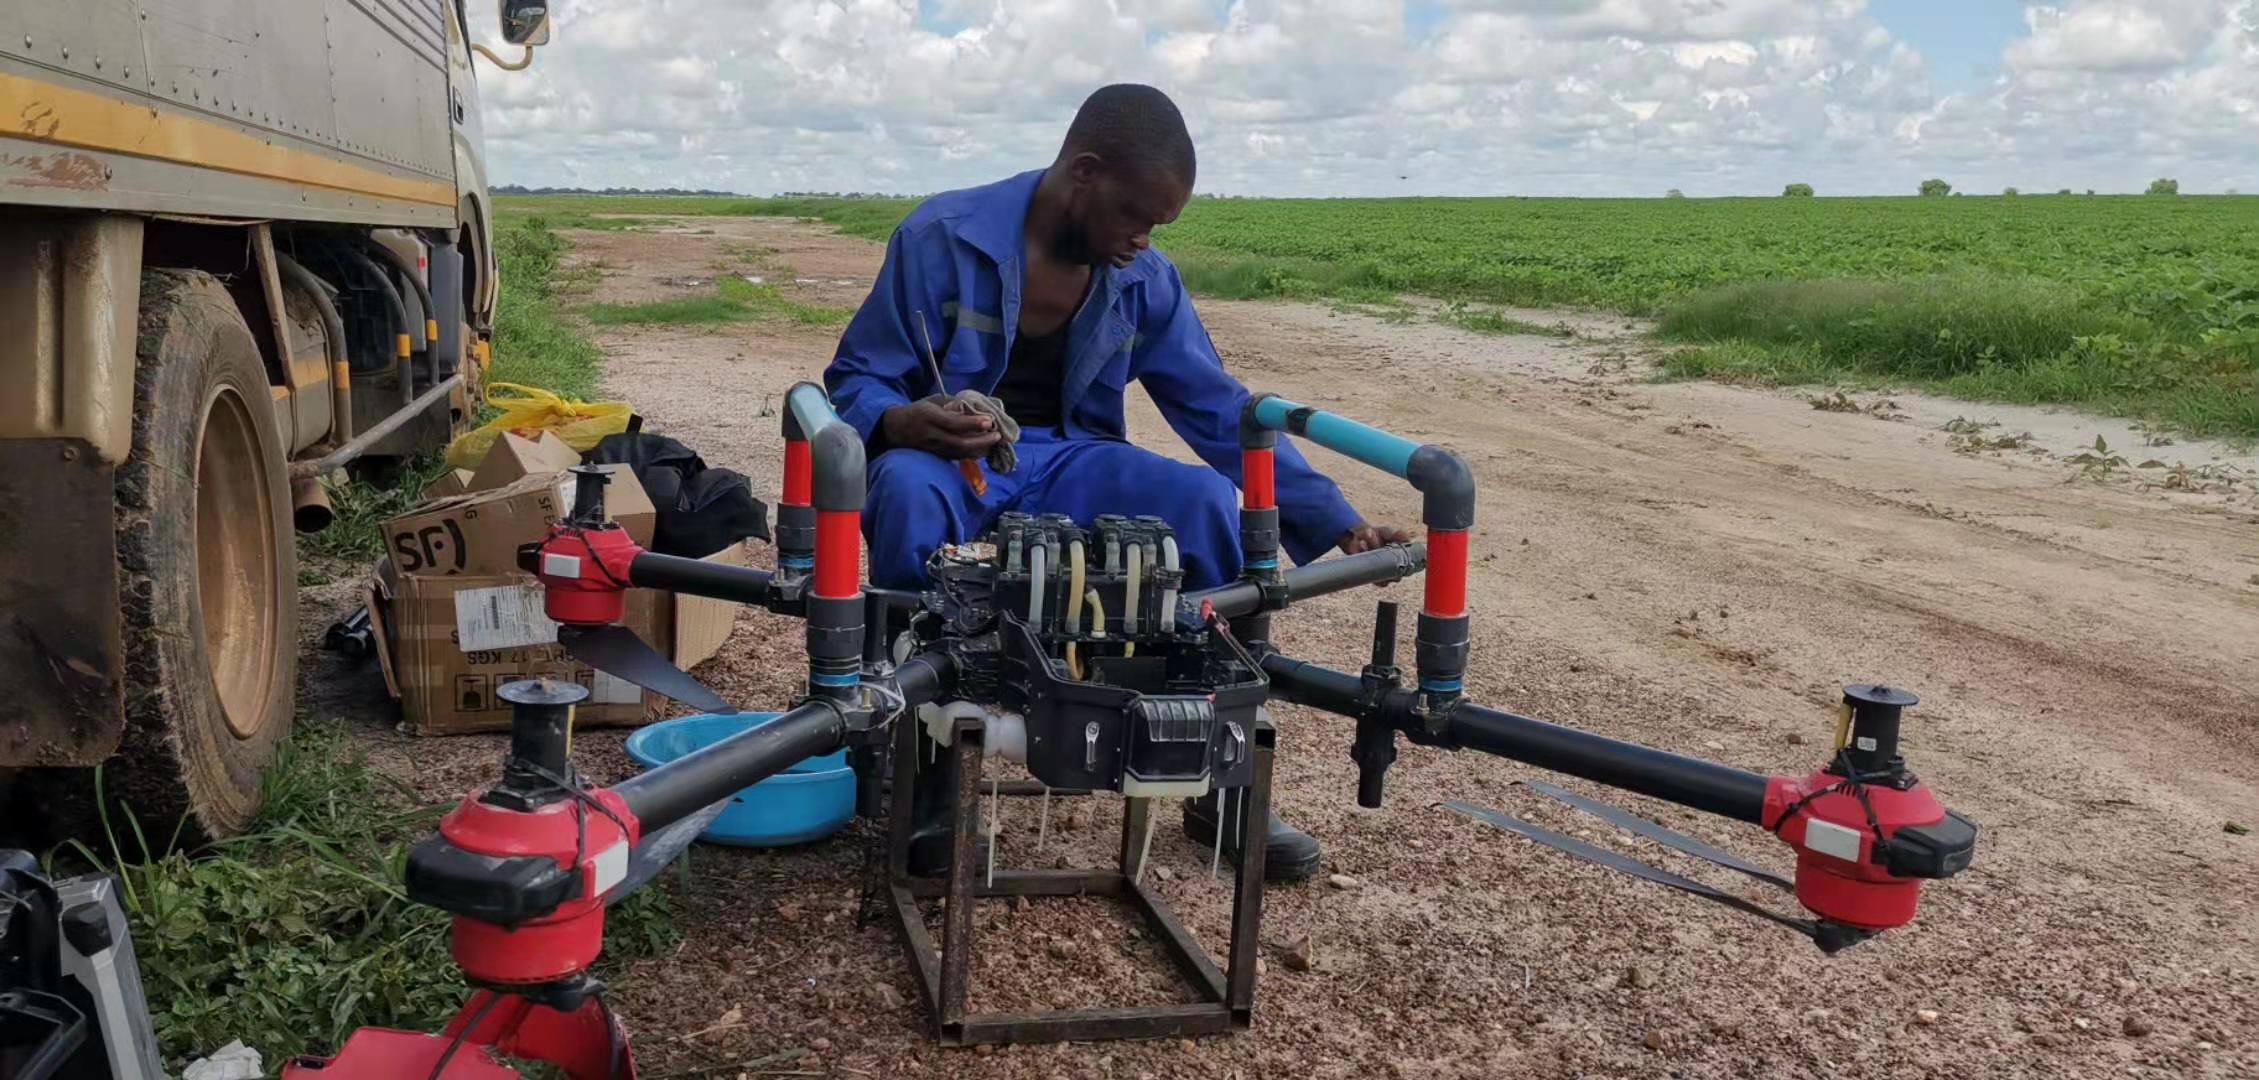 非洲创业故事中的科技农业先锋